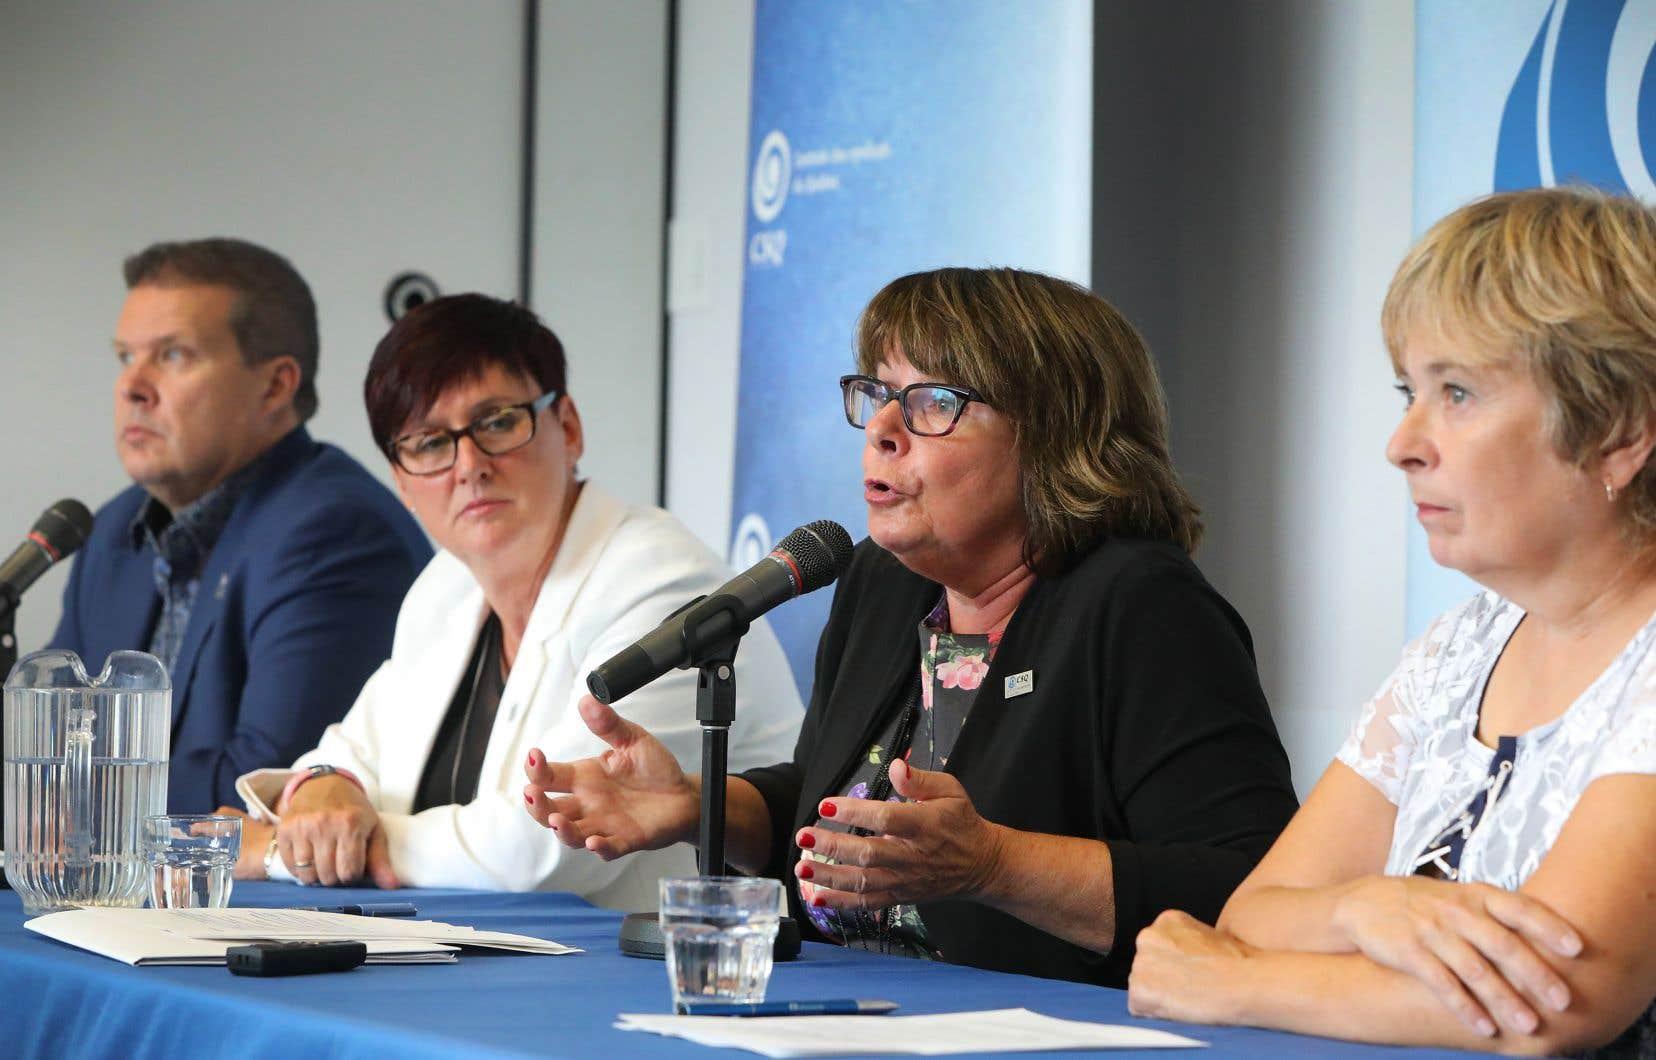 Les partis doivent «cesser d'avoir une approche comptable; l'éducation doit plutôt être vue comme un investissement social à long terme», a résumé Sonia Éthier,présidente de la CSQ.